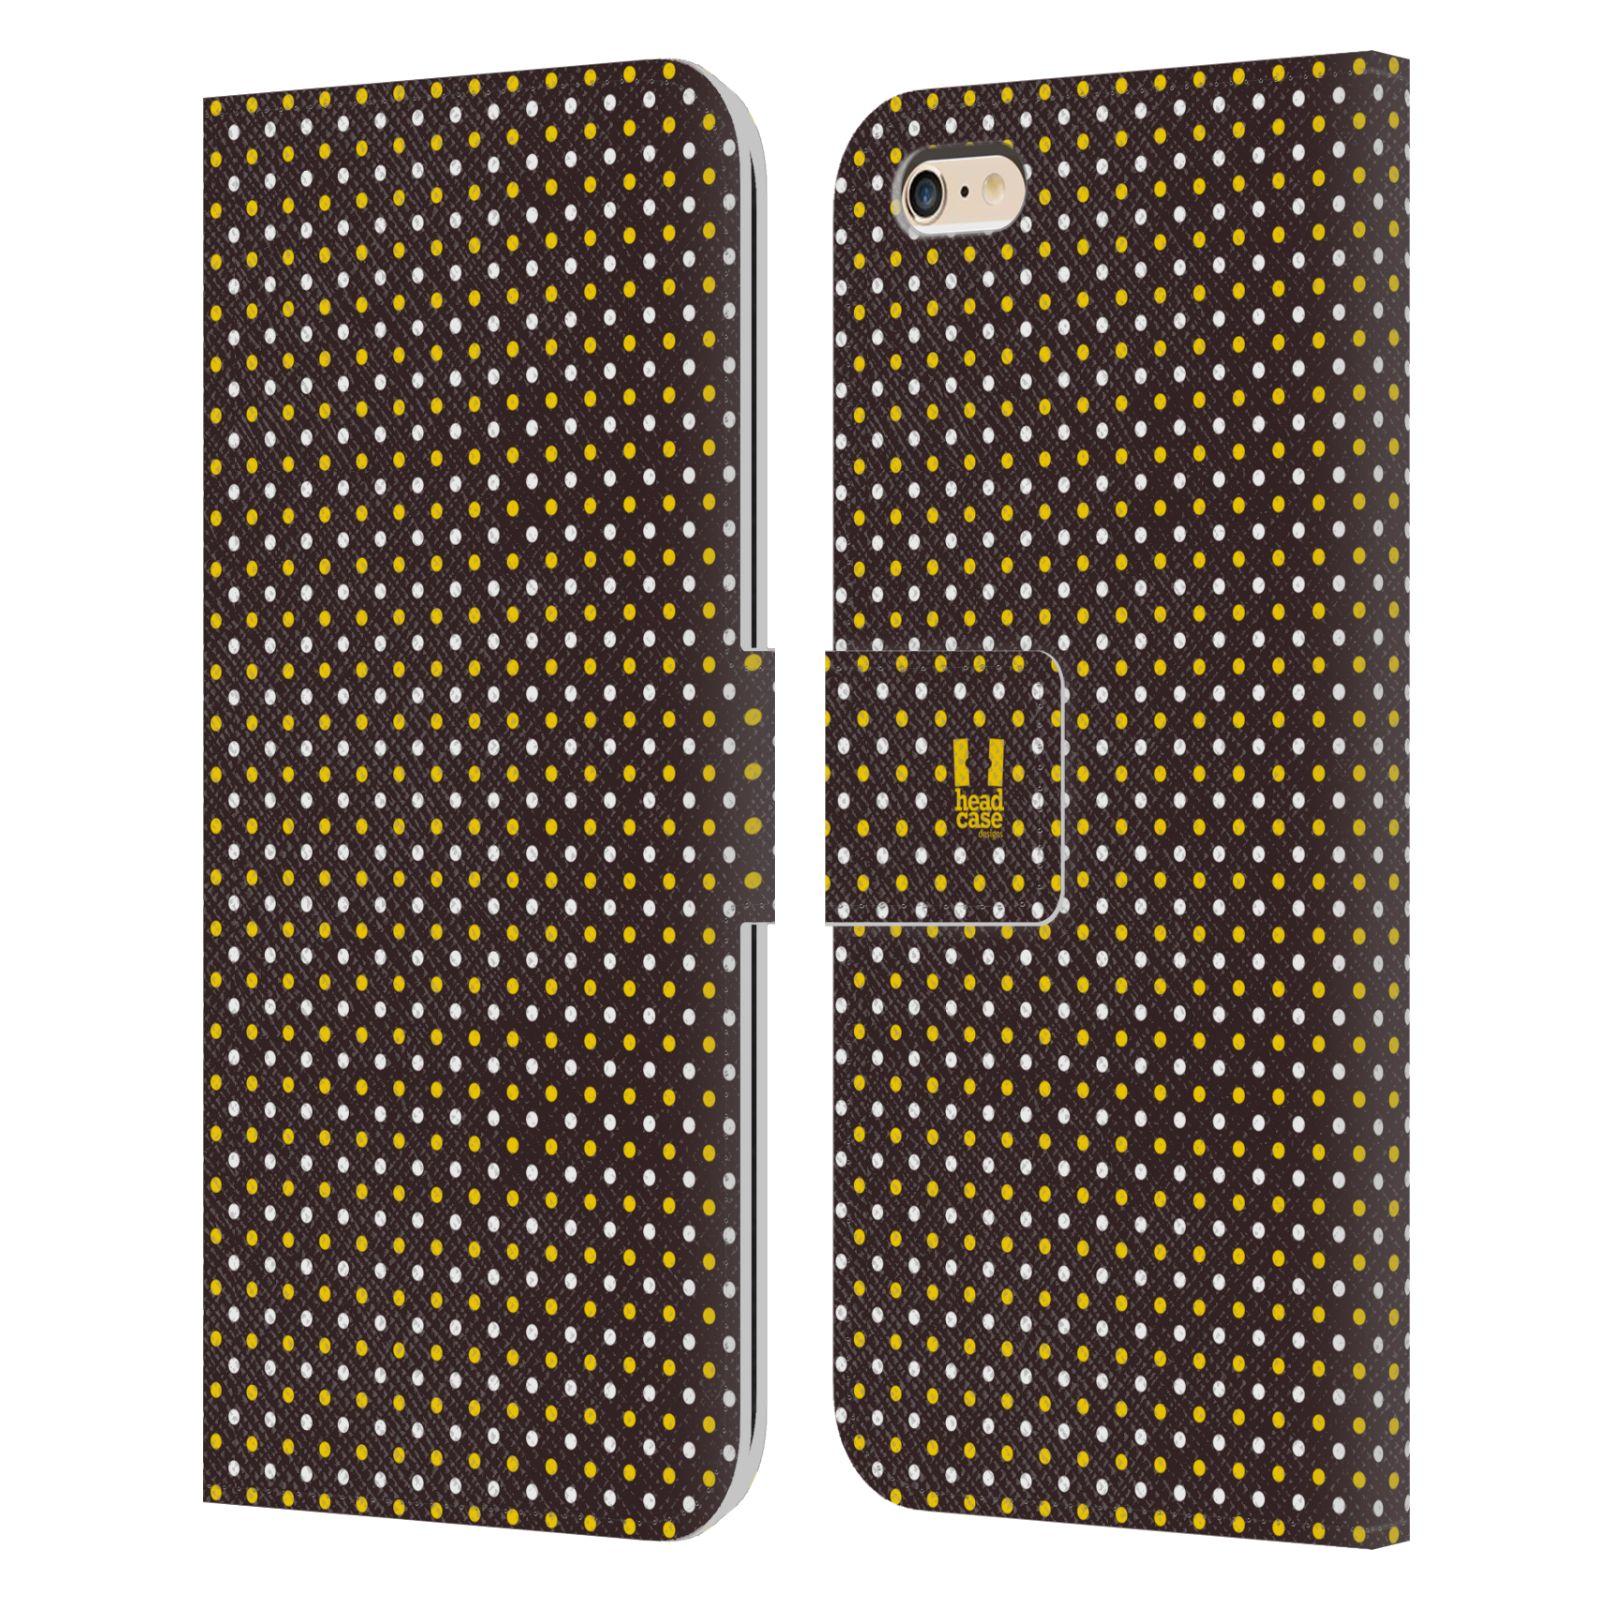 HEAD CASE Flipové pouzdro pro mobil Apple Iphone 6 PLUS / 6S PLUS VČELÍ VZOR puntíky hnědá a žlutá